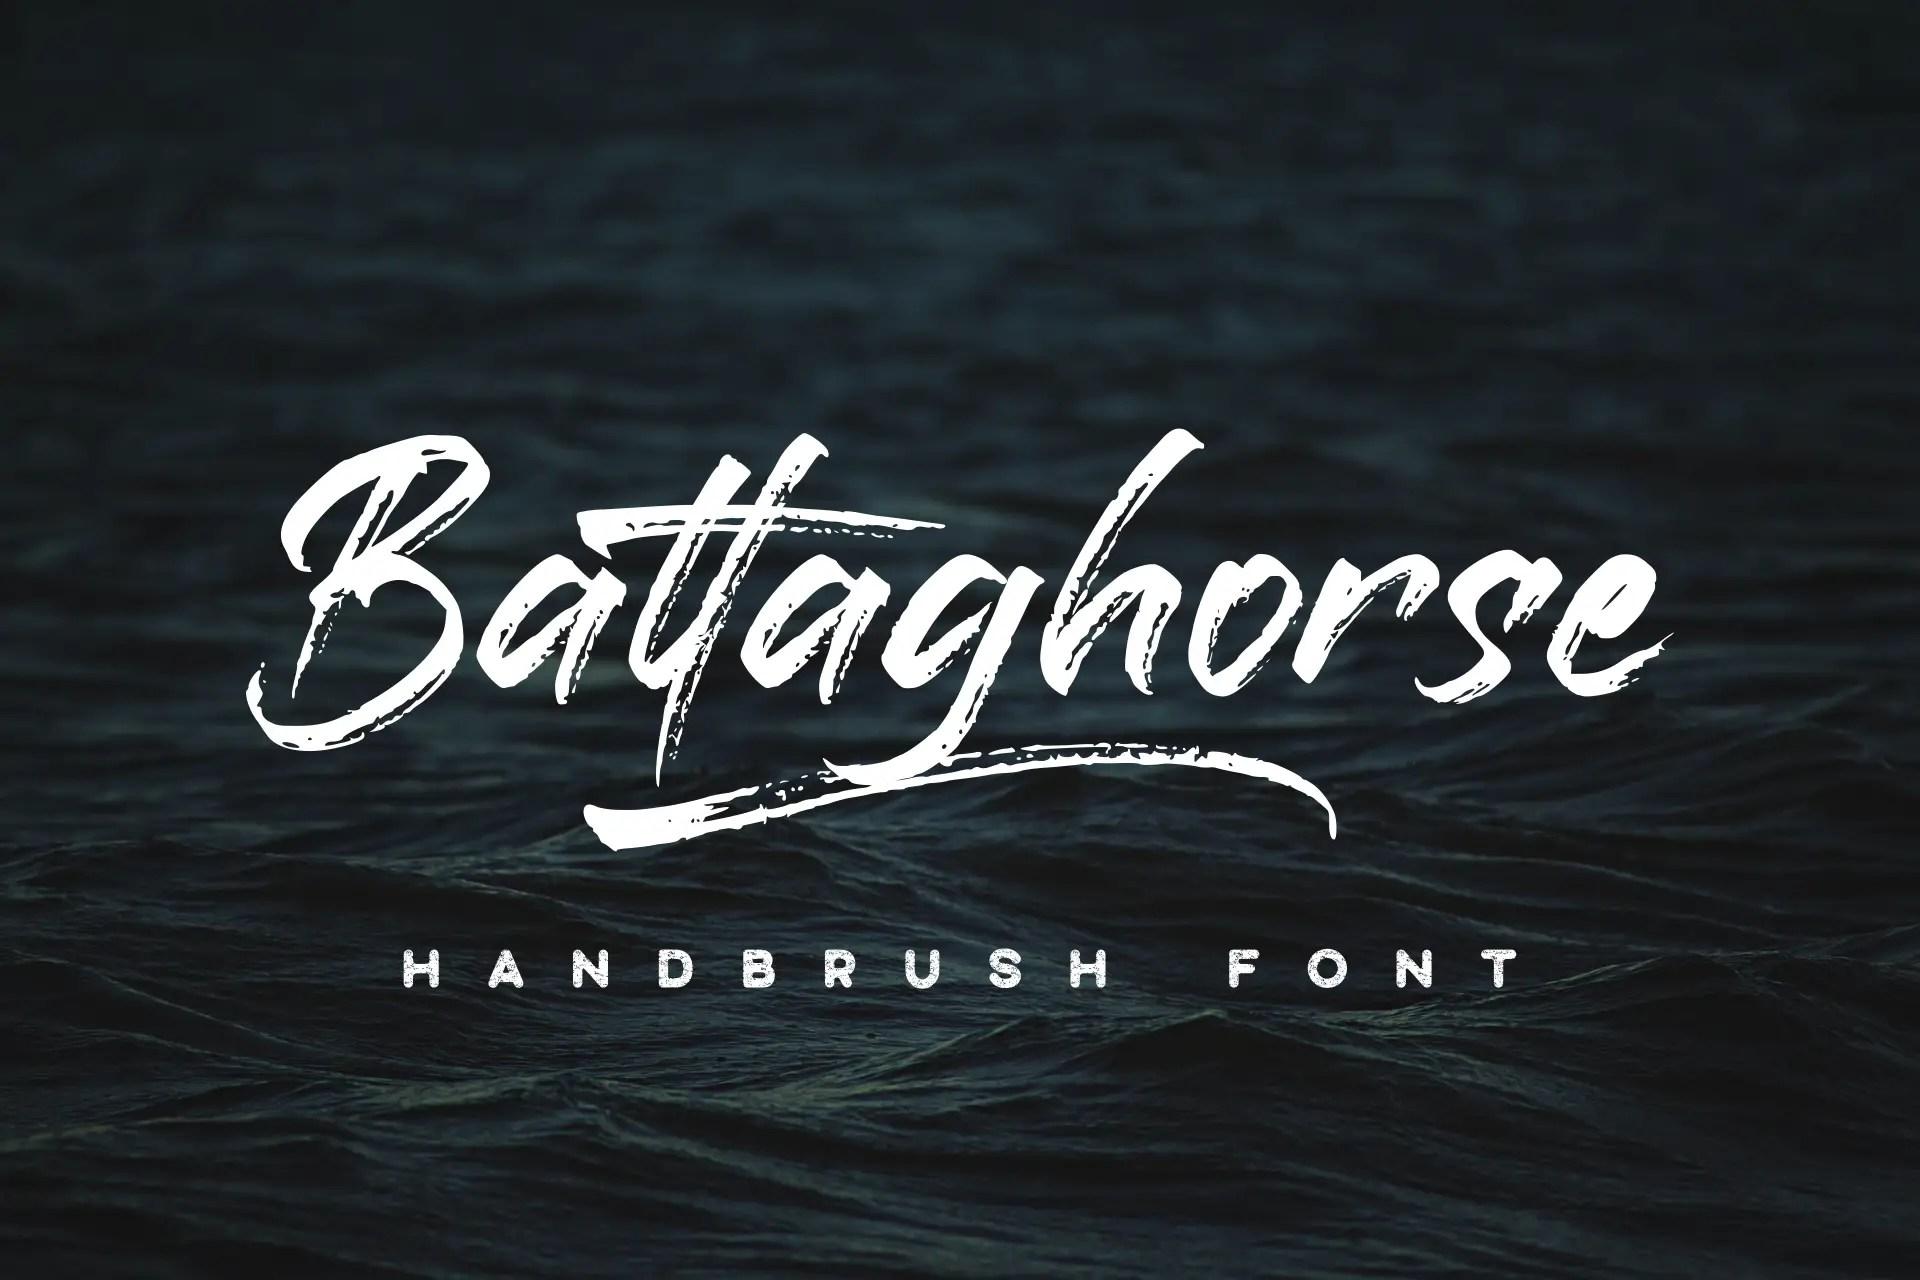 Battaghorse Handbrush Font -1